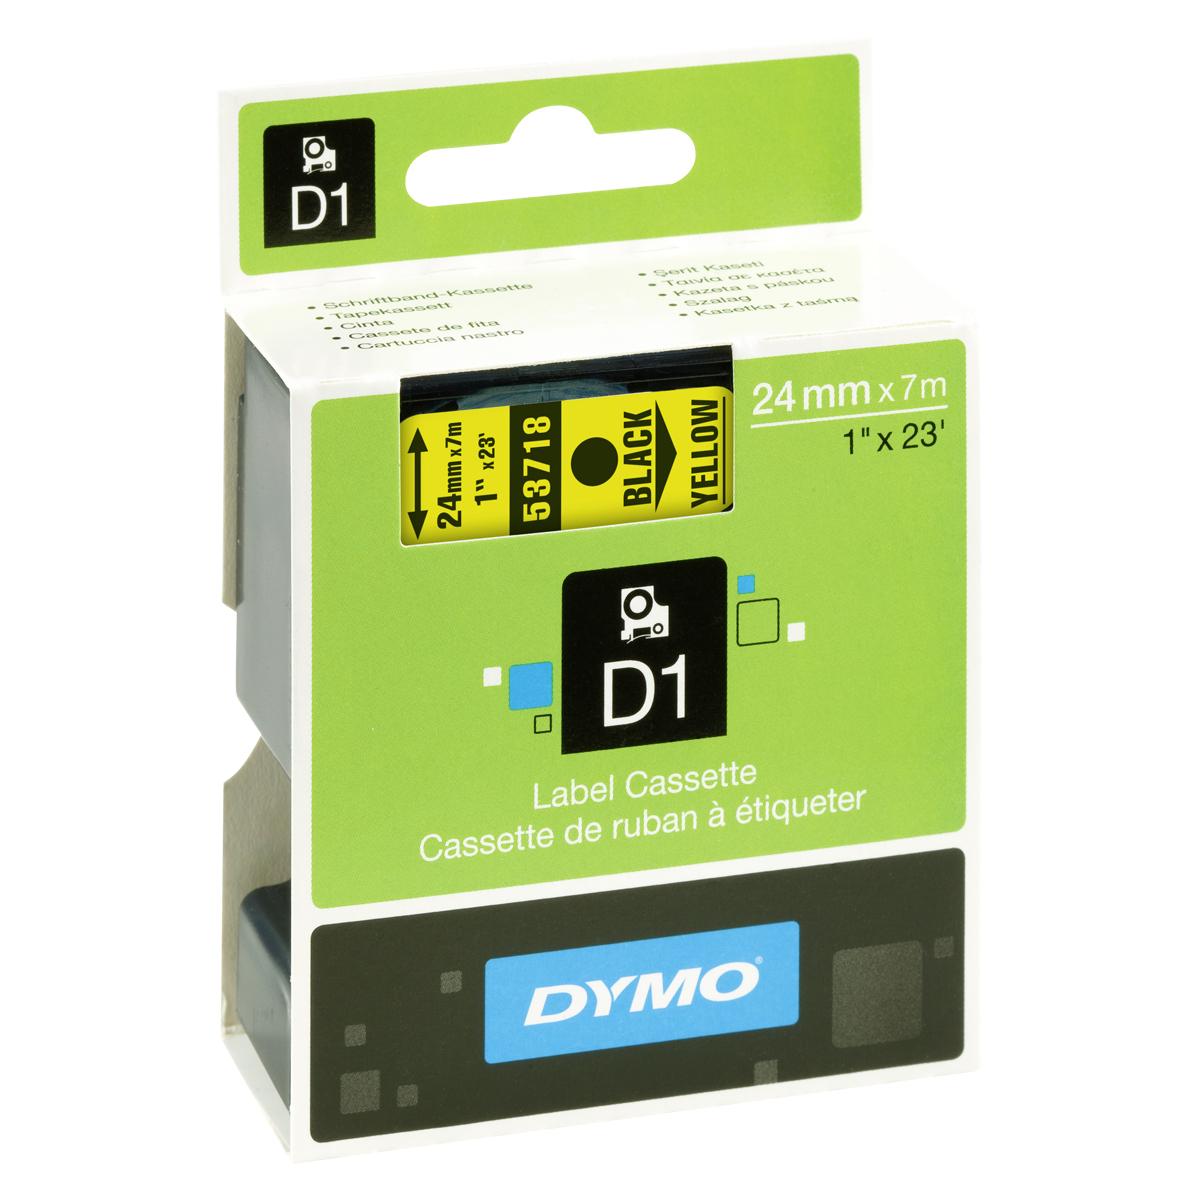 Dymo D1-Schriftband 24mm x 7m schwarz auf gelb